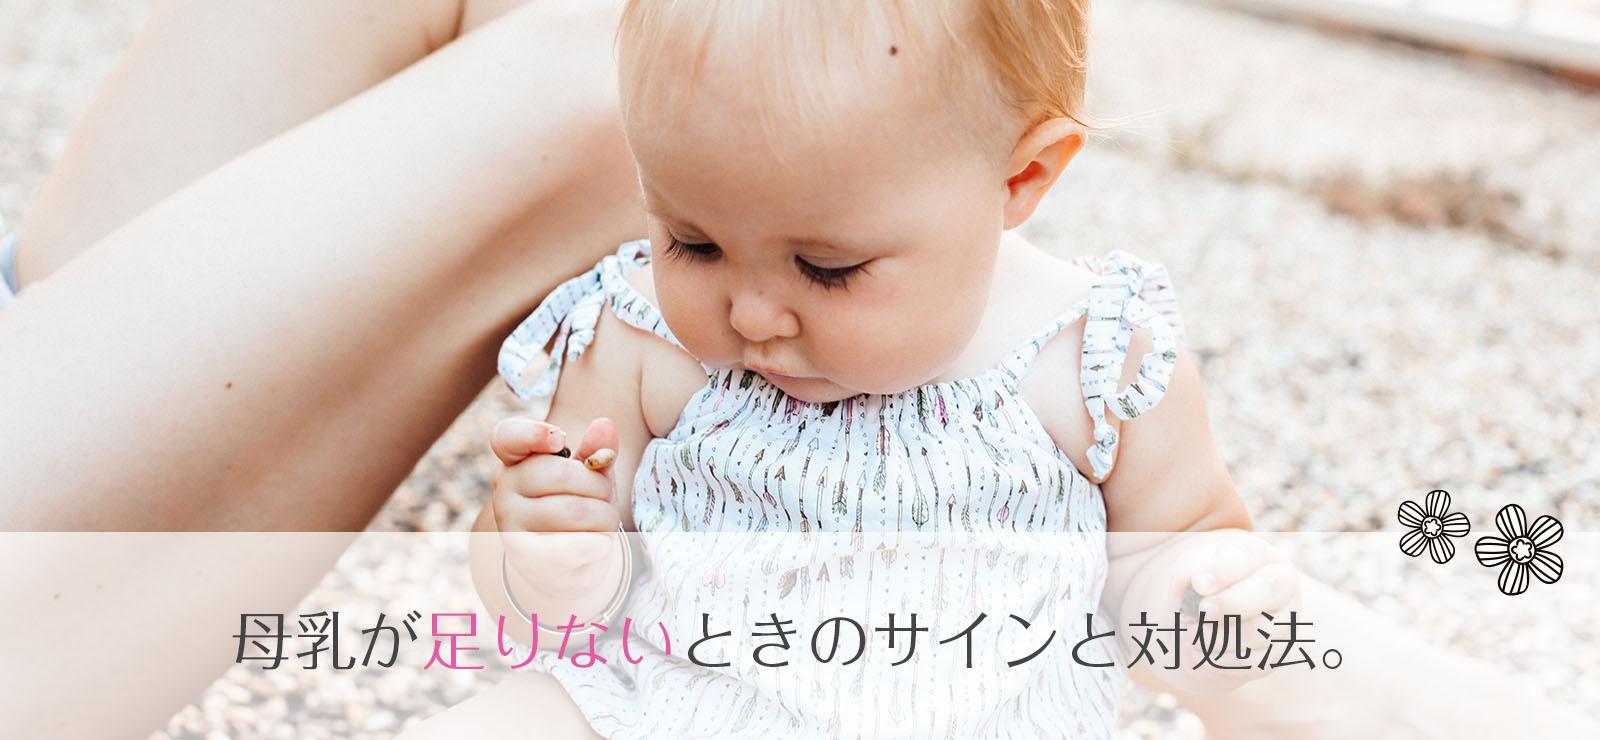 母乳が足りないときのサインと対処法